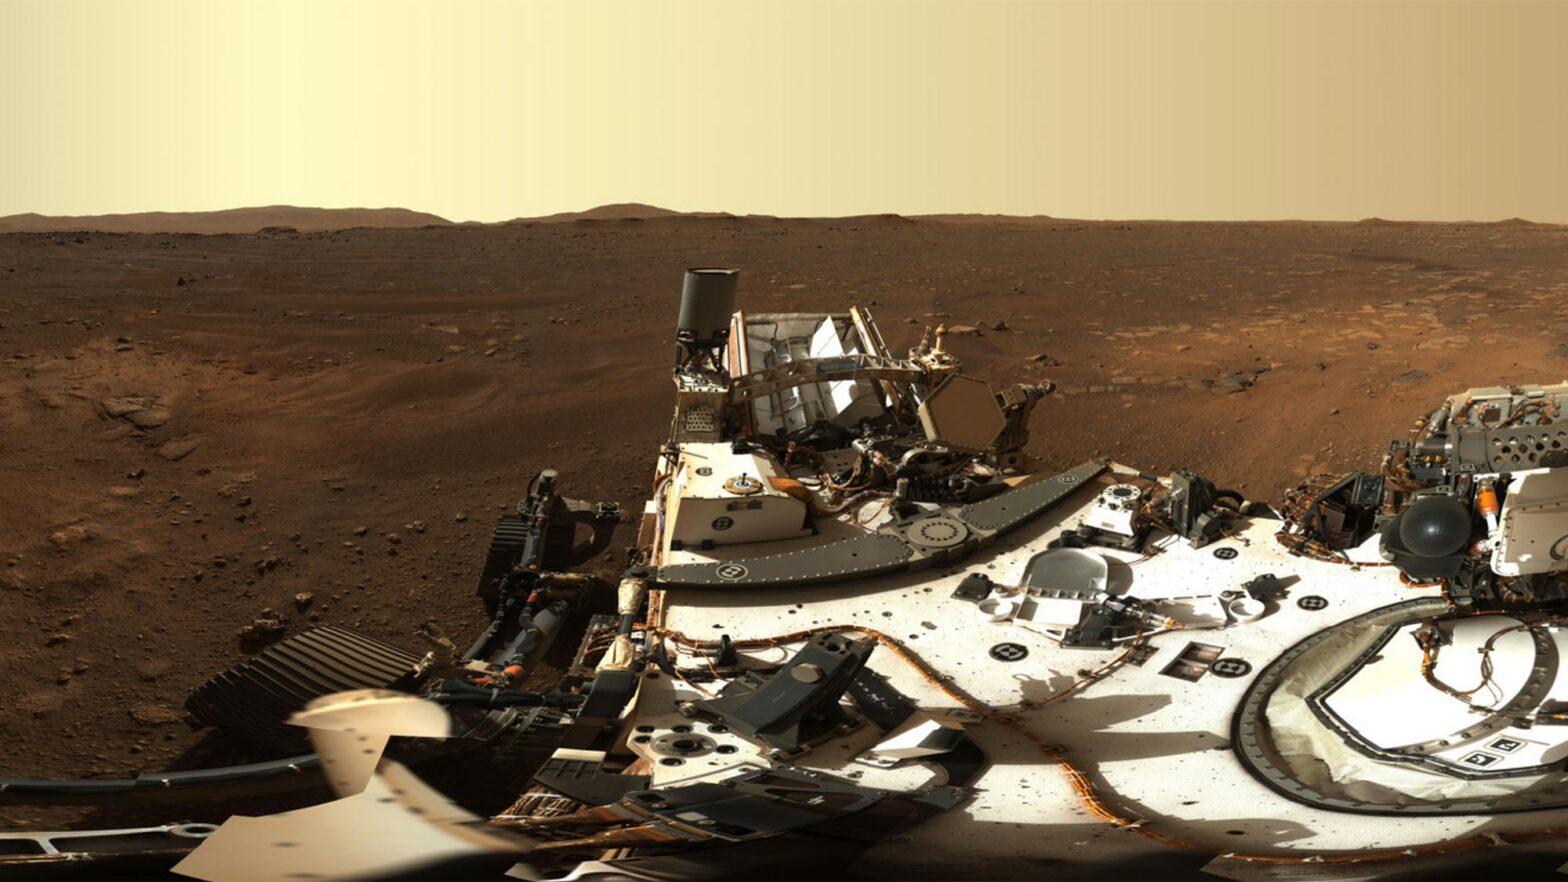 NASA Perseverance Rover Sends First Panoramic Views